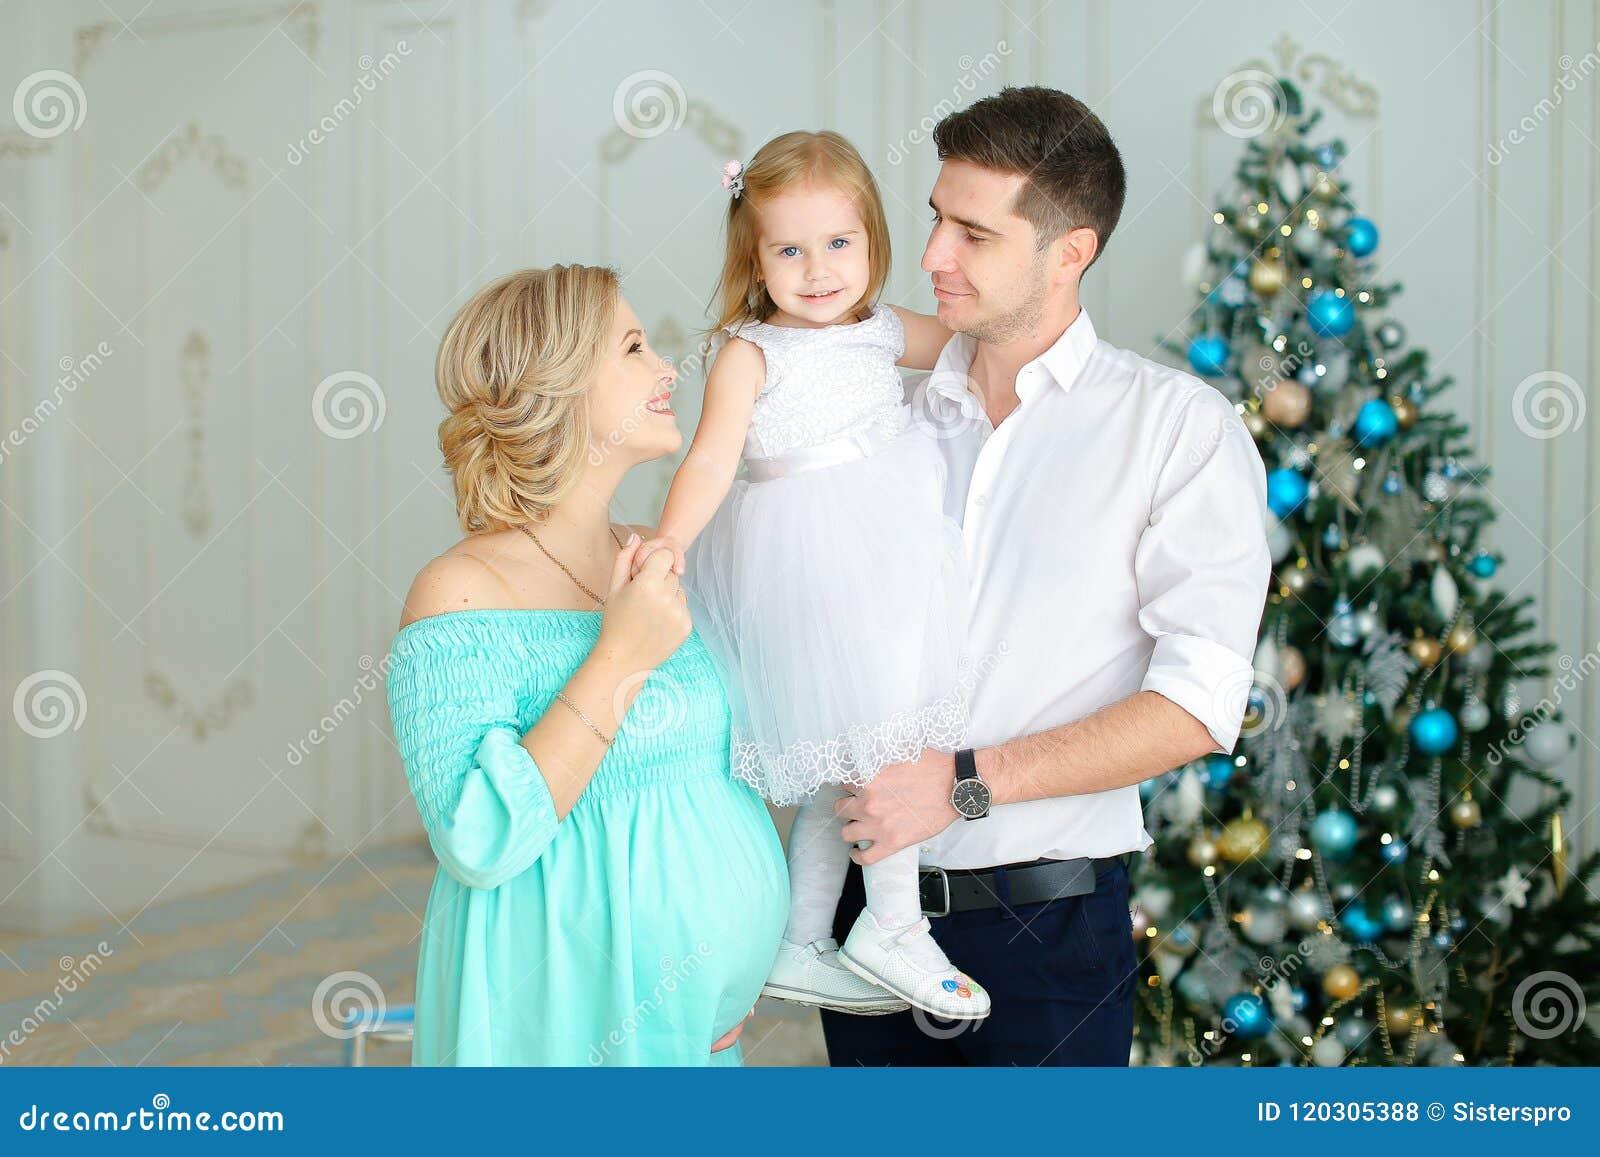 Έγκυος Ευρωπαία γυναίκα που στέκεται κοντά στο σύζυγο που κρατά λίγη κόρη κοντά στο χριστουγεννιάτικο δέντρο